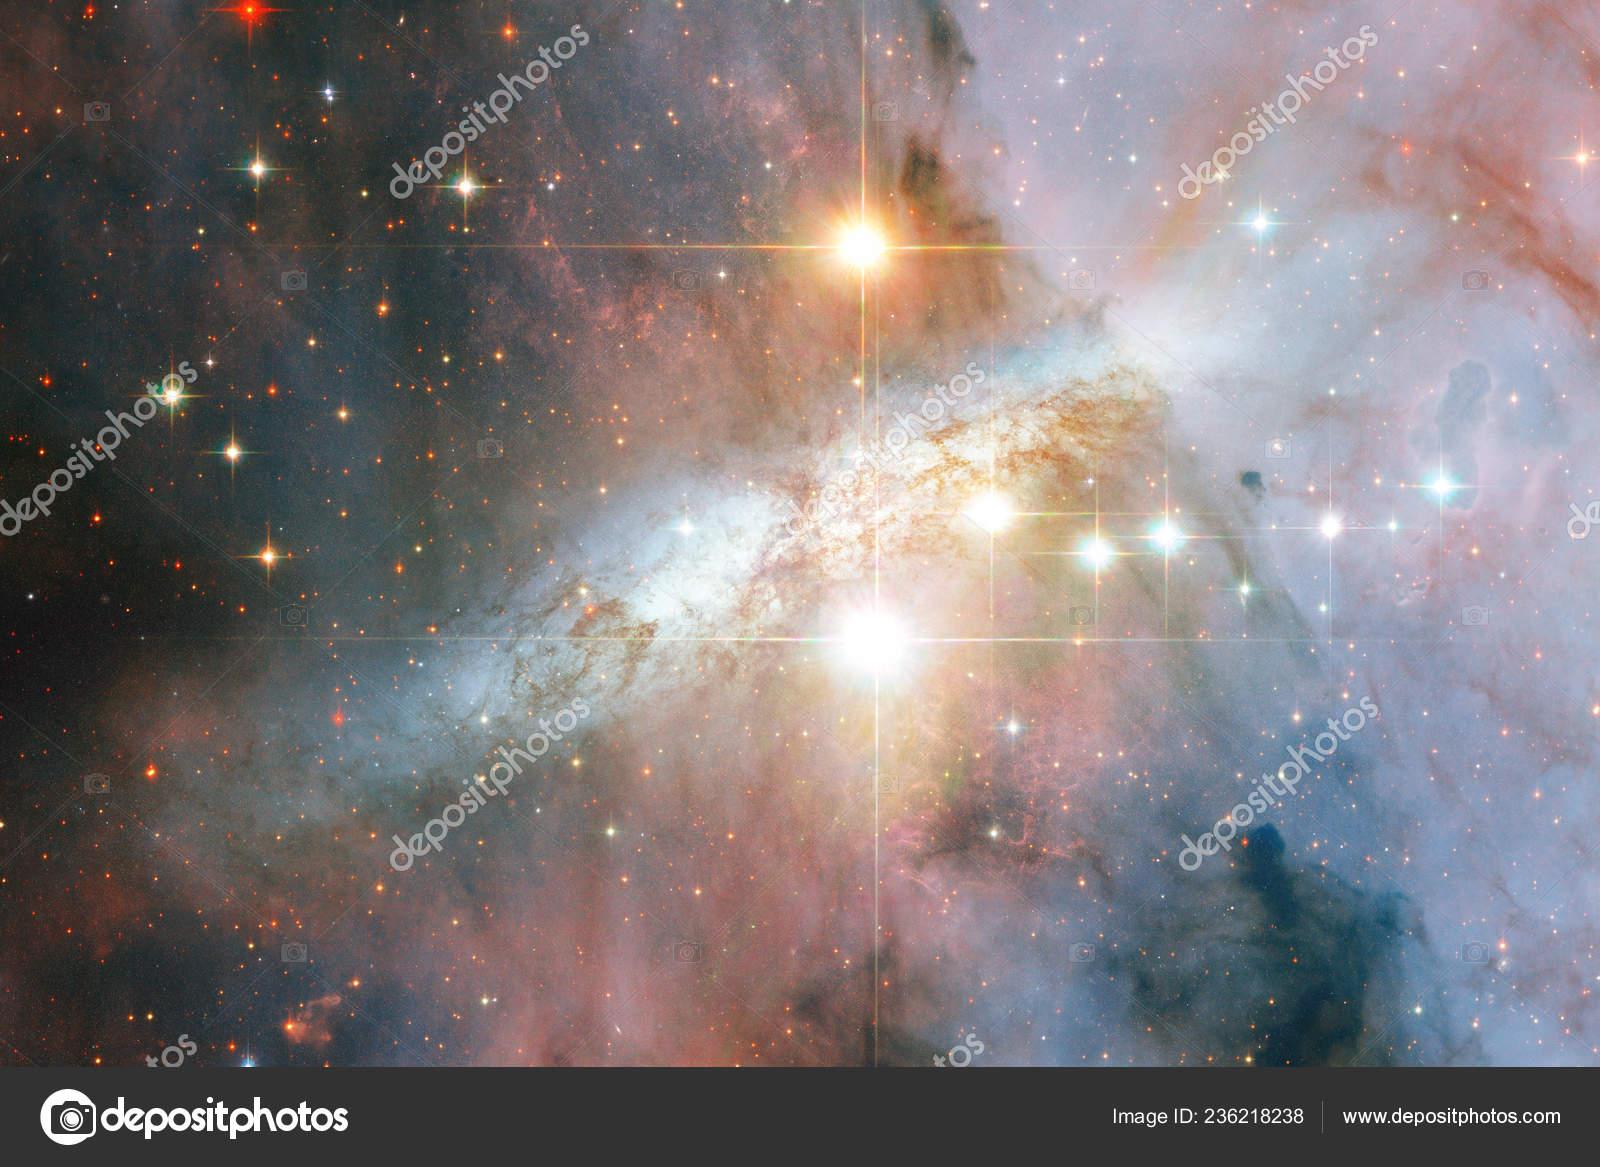 красивые картинки на рабочий стол космос фантастикаотключить смс пакет хоум кредит в приложение